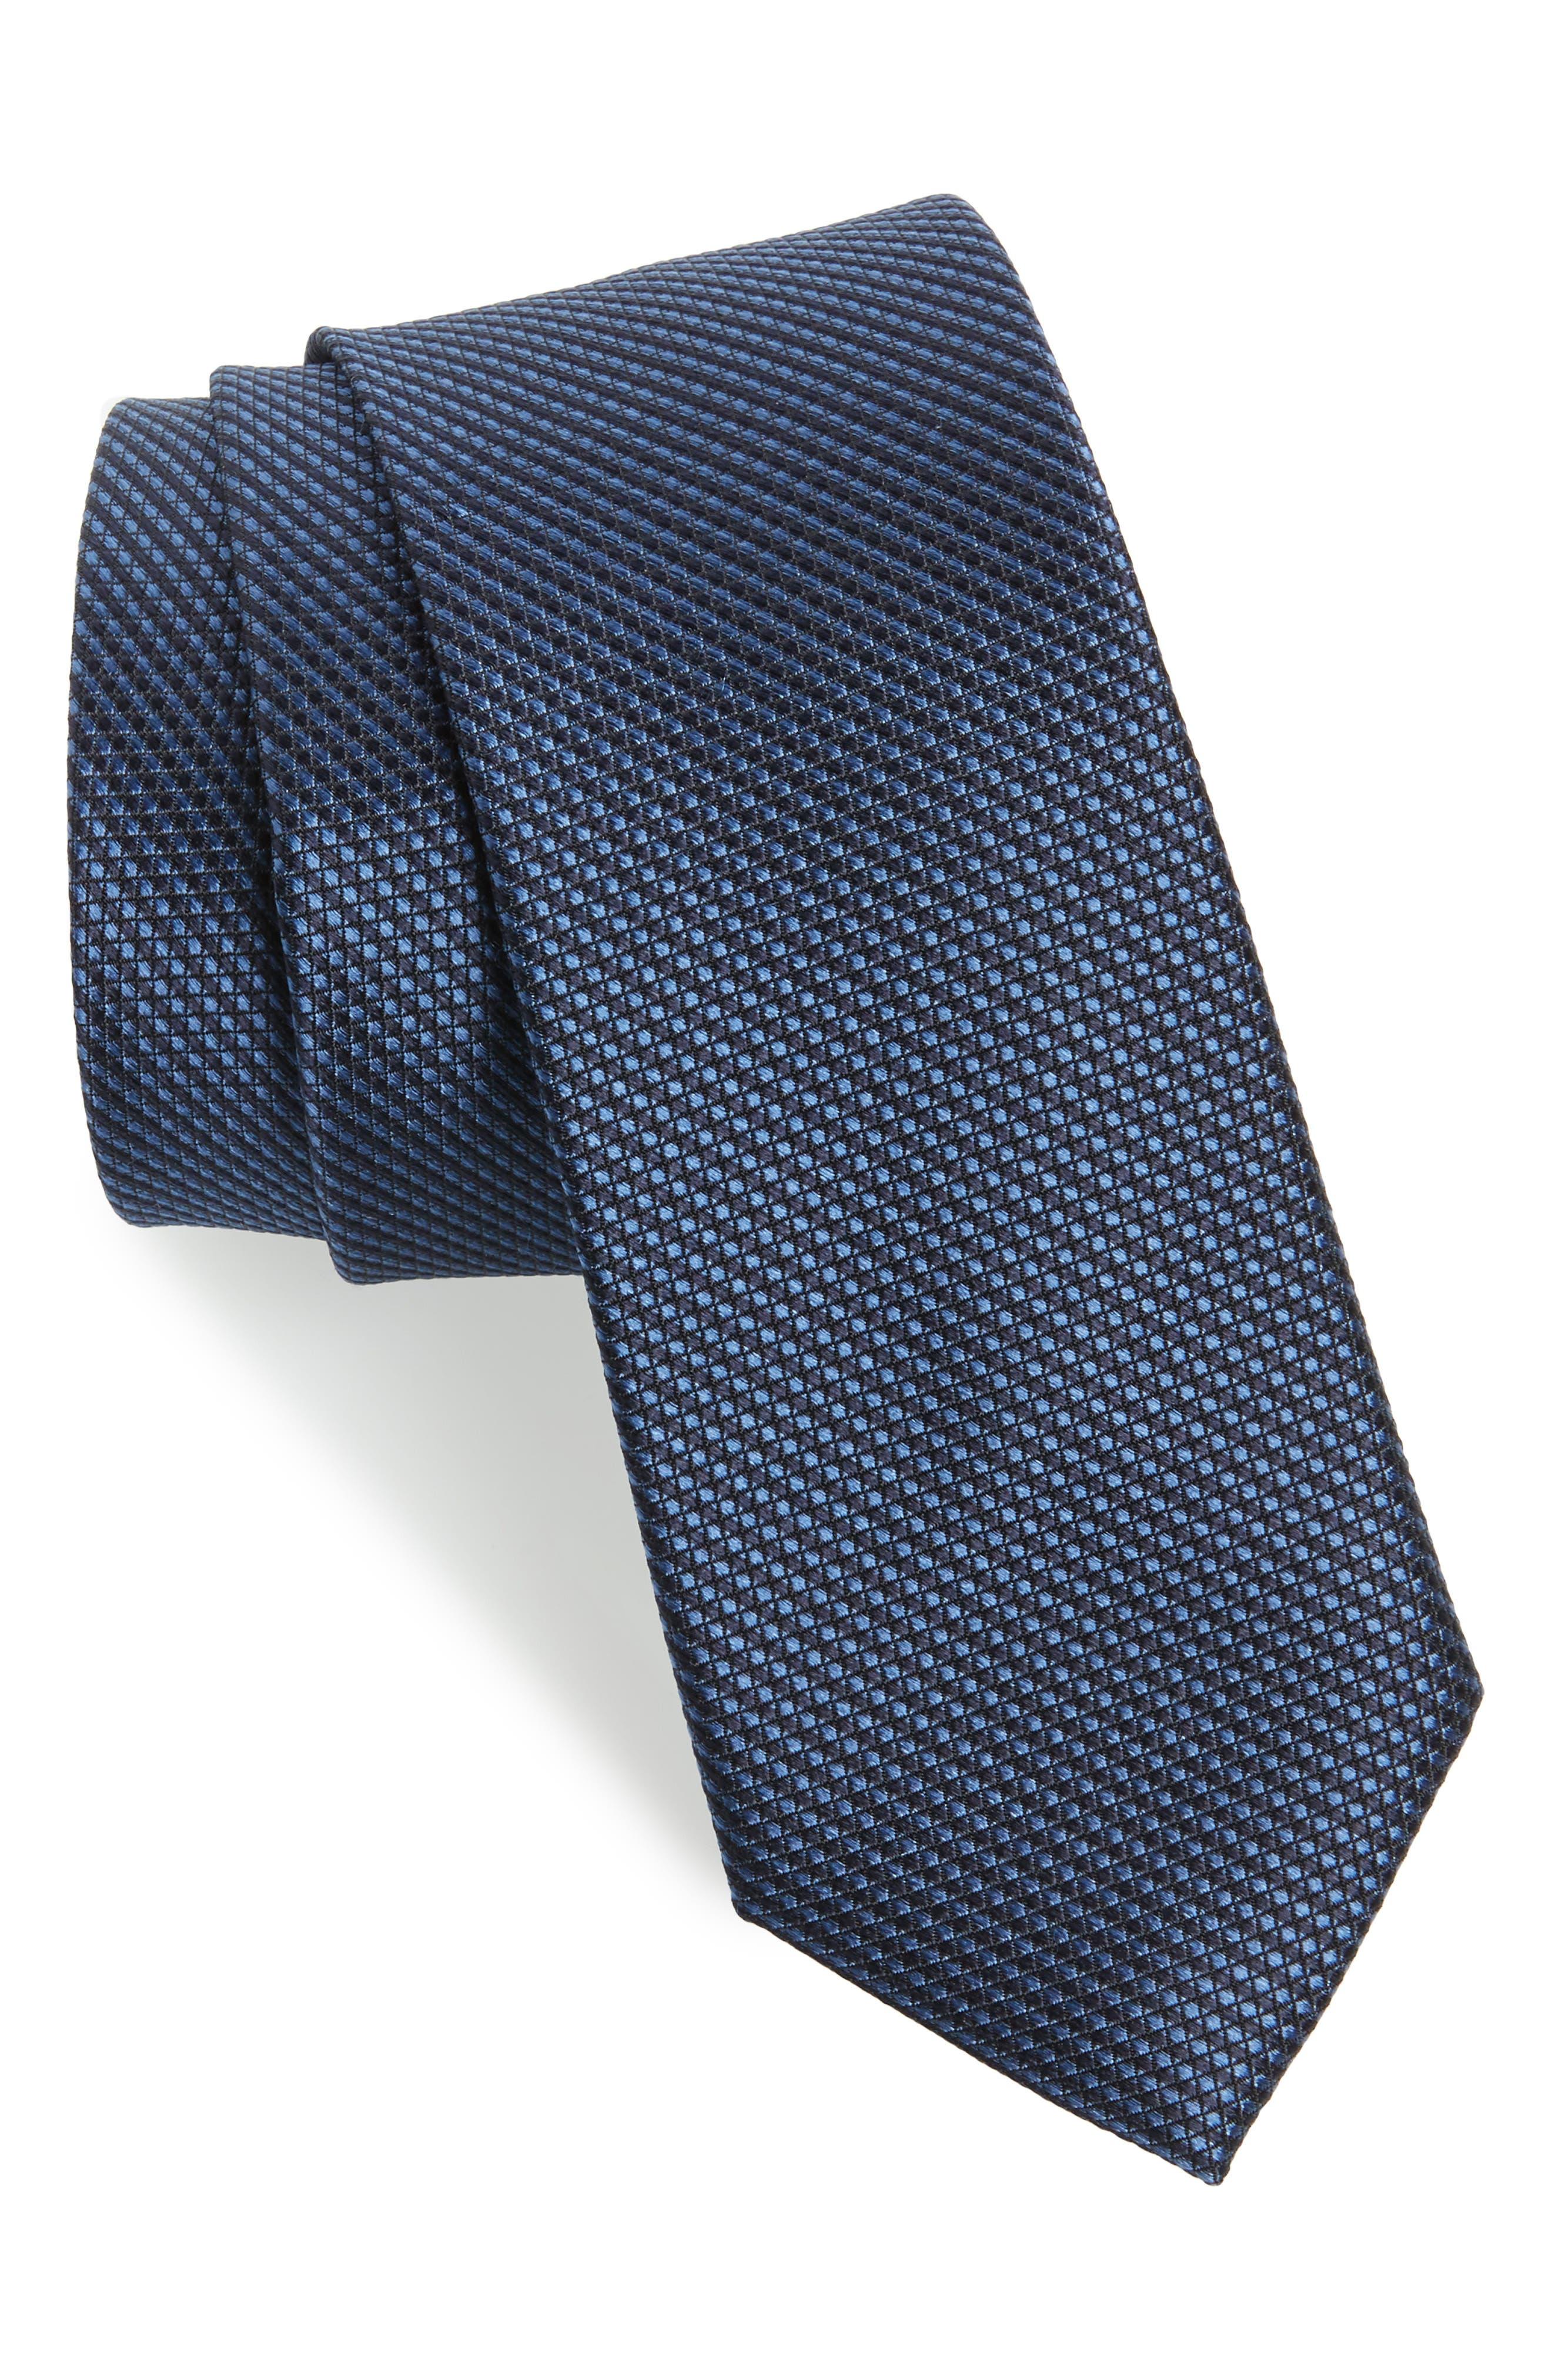 Alternate Image 1 Selected - Ted Baker London Solid Skinny Silk Tie